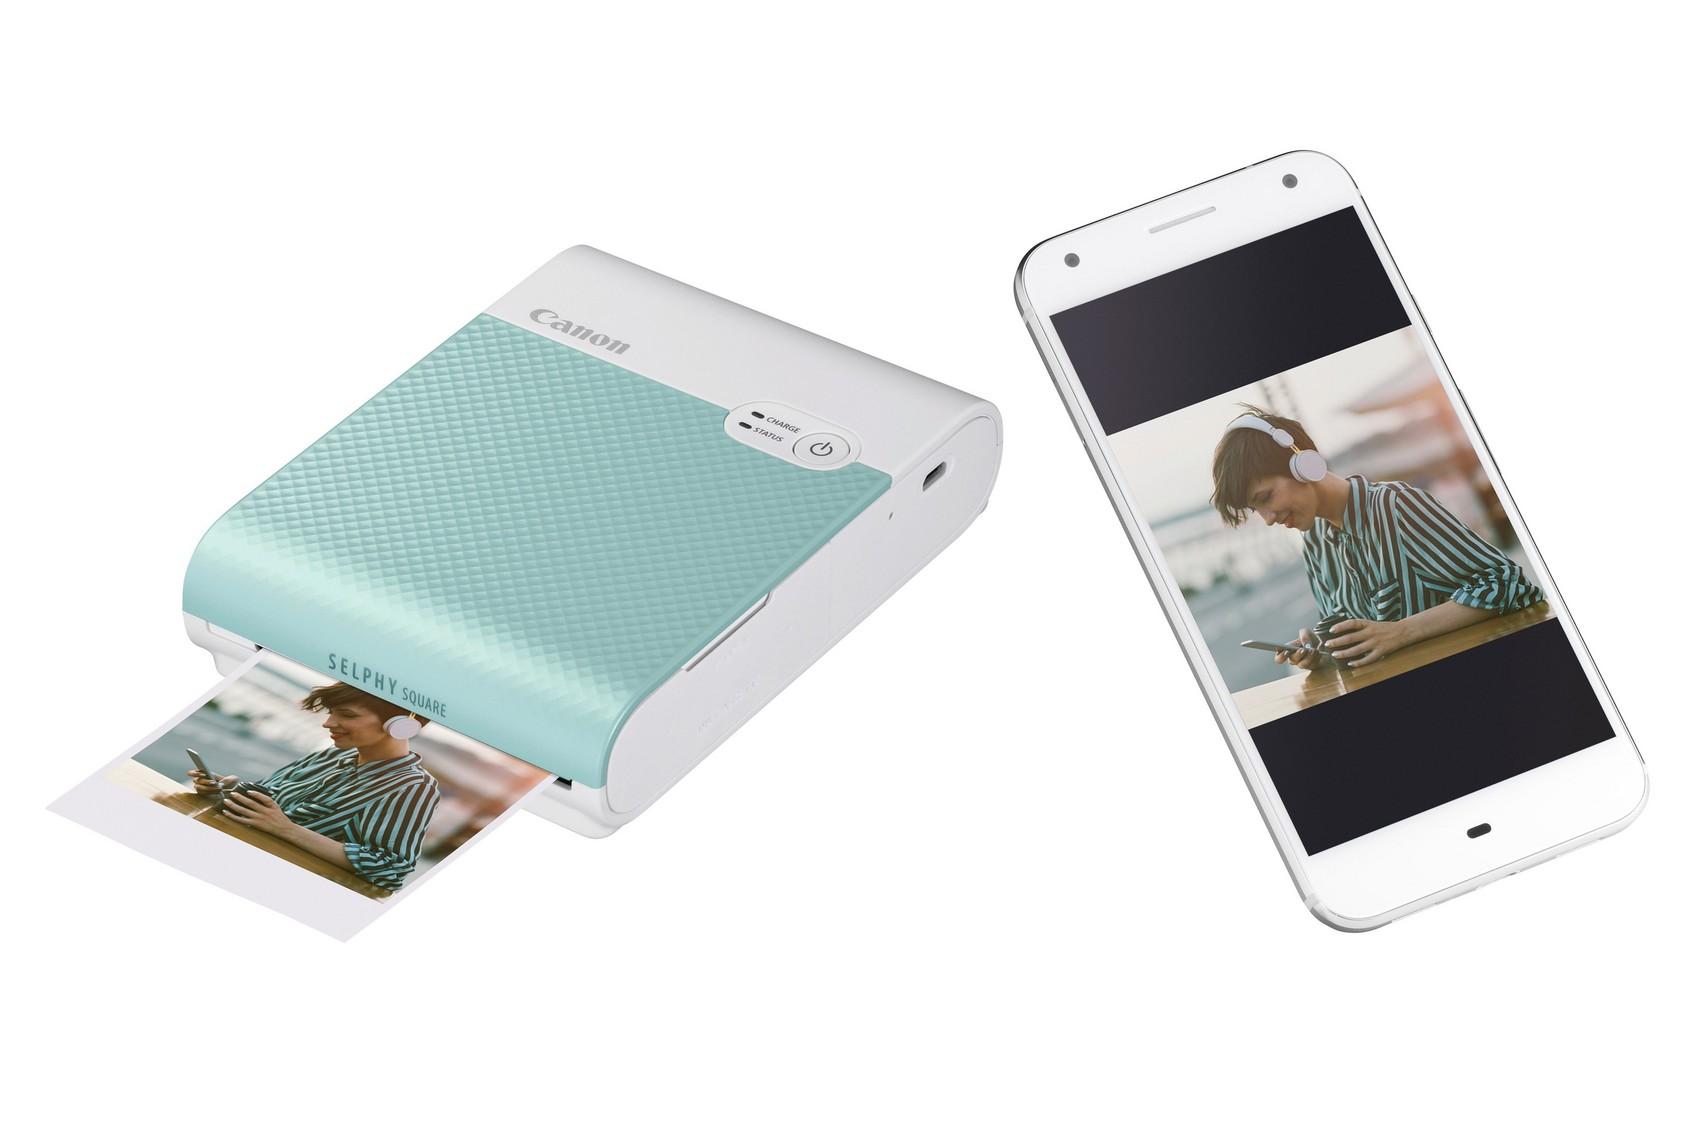 Der Canon SELPHY SQUARE QX10 liefert • hochwertige Fotodrucke in nur 43 Sekunden.